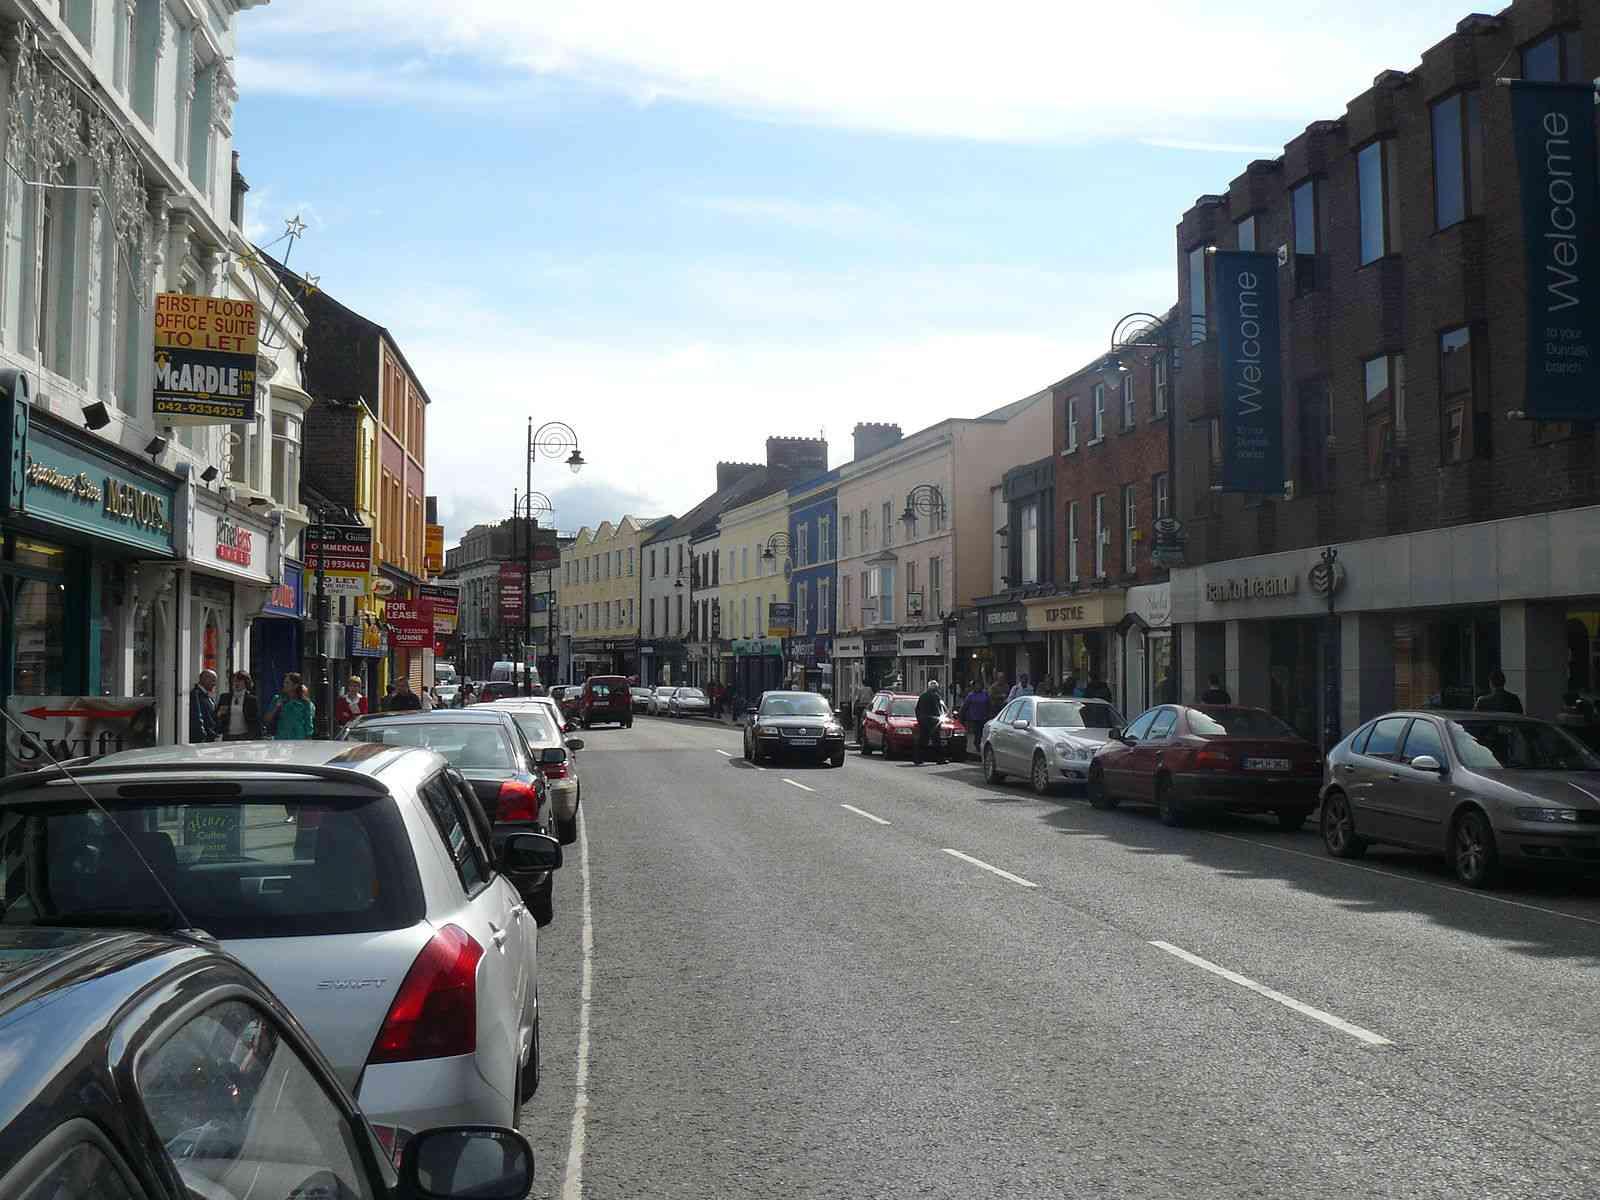 Dundalk Ireland